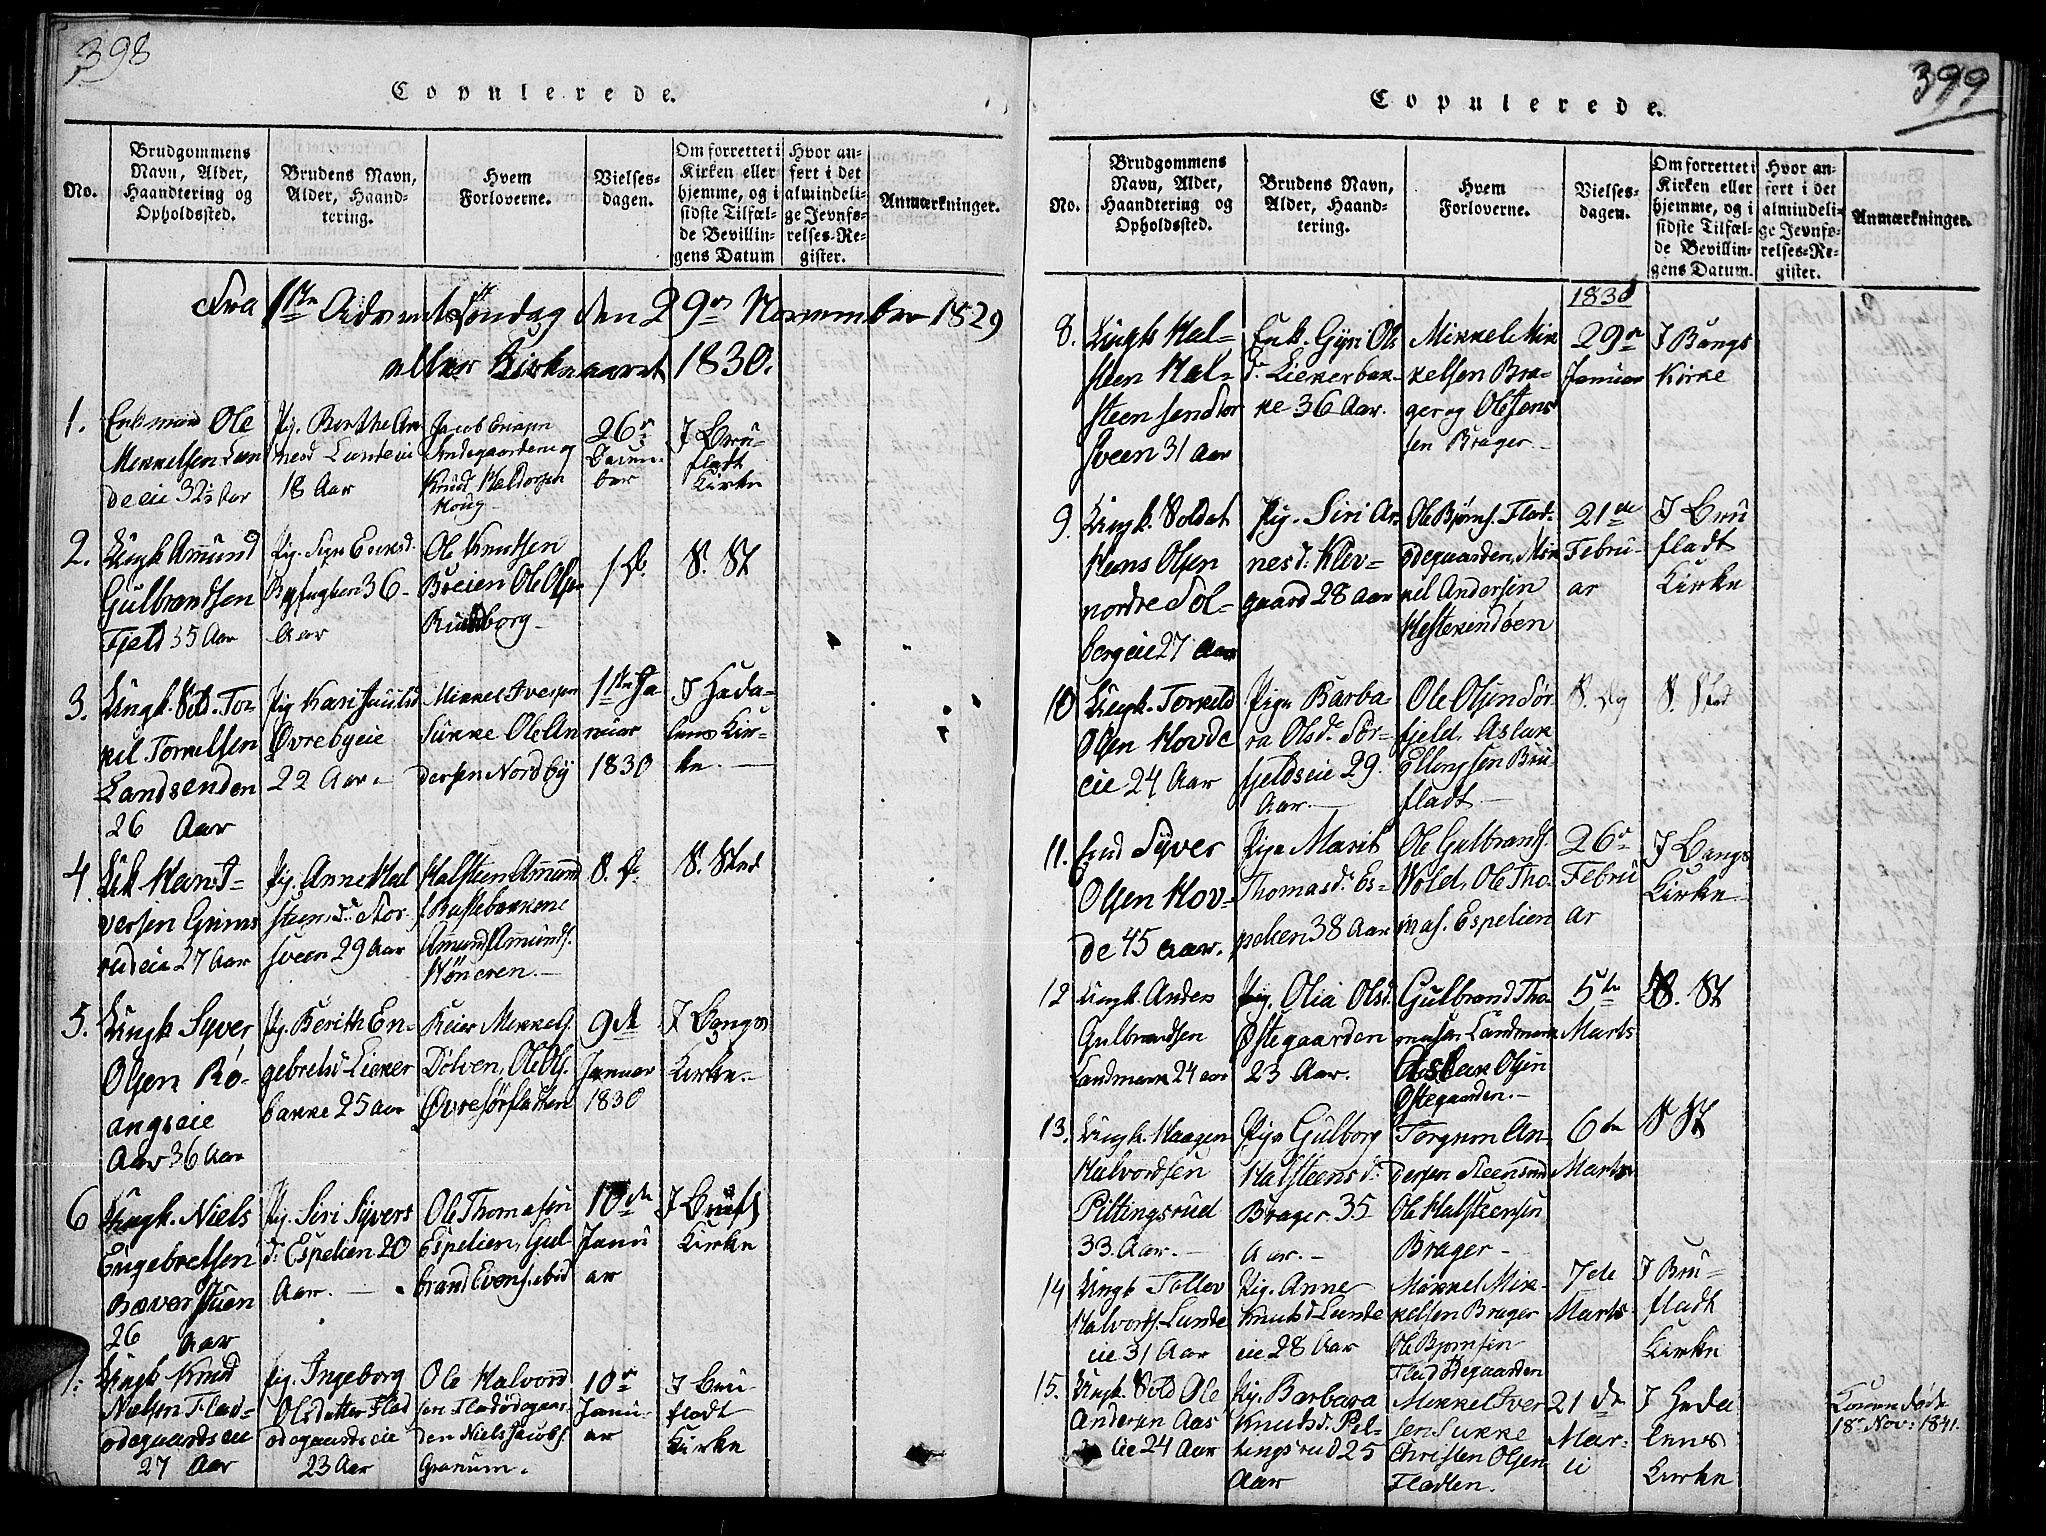 SAH, Sør-Aurdal prestekontor, Klokkerbok nr. 2, 1826-1840, s. 398-399